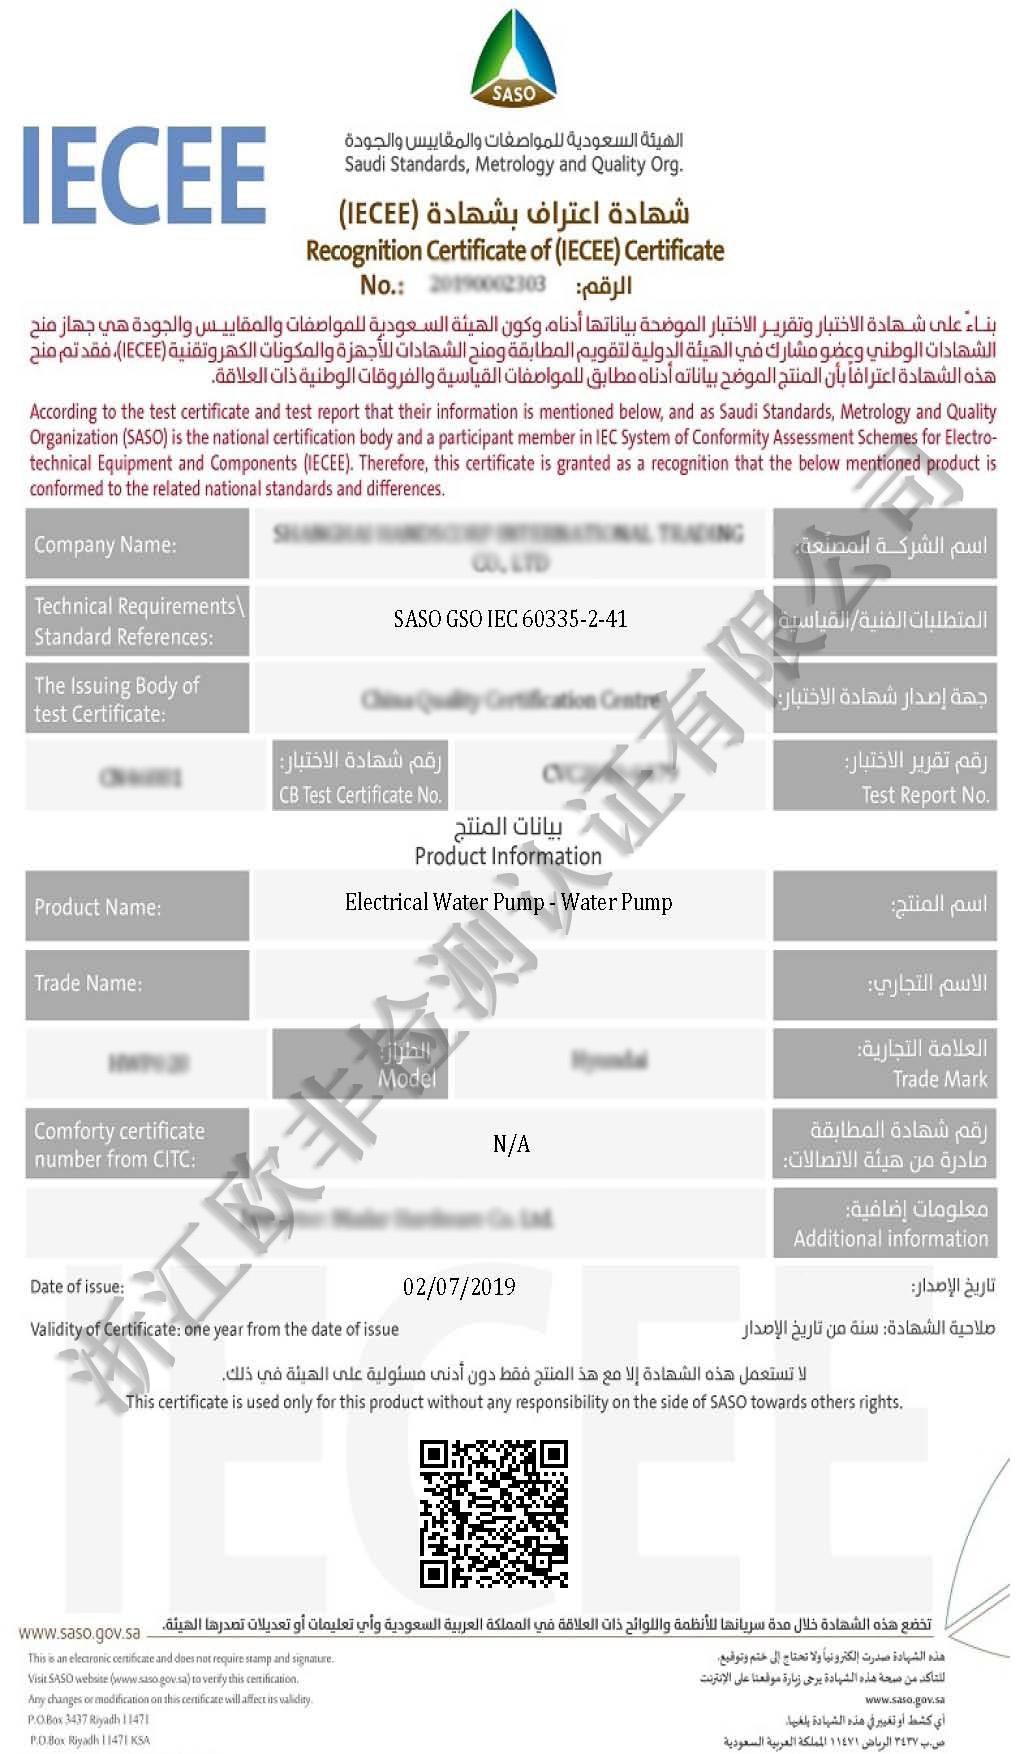 沙特IECEE证书